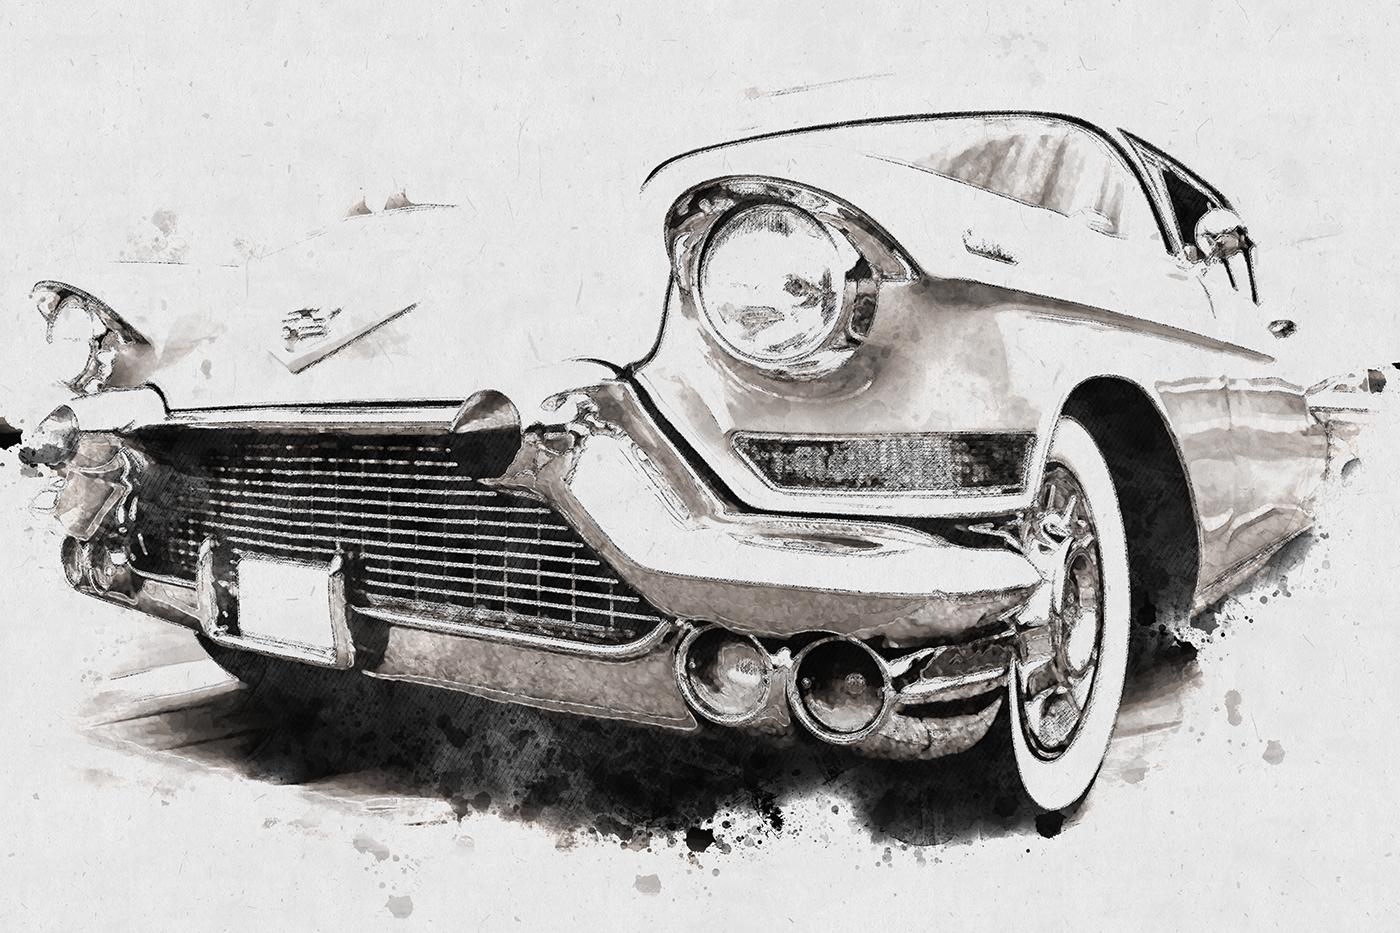 اکشن تبدیل عکس به نقاشی Fast Acrylic Sketch